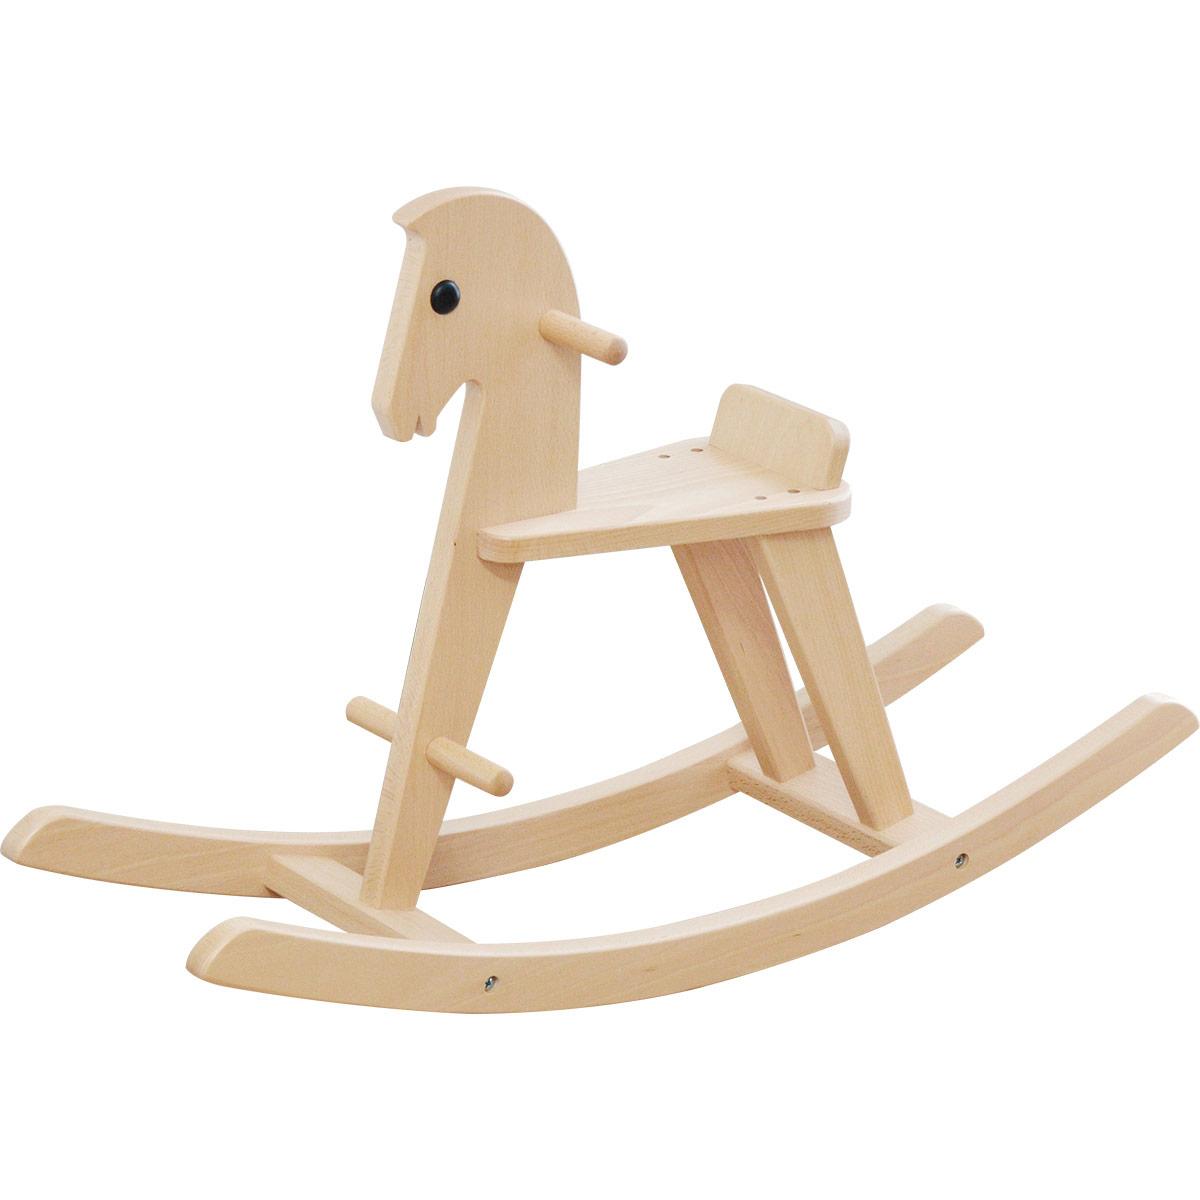 [1年保証] コイデ KOIDE 日本製 おもちゃ 玩具 木馬 M26 乗り物 乗用玩具 知育 室内 1歳 2歳 男の子 女の子 子供 幼児 ベビー 知育玩具 出産祝い 誕生日 ウッド 天然木 国産[送料無料][レビュー特典]